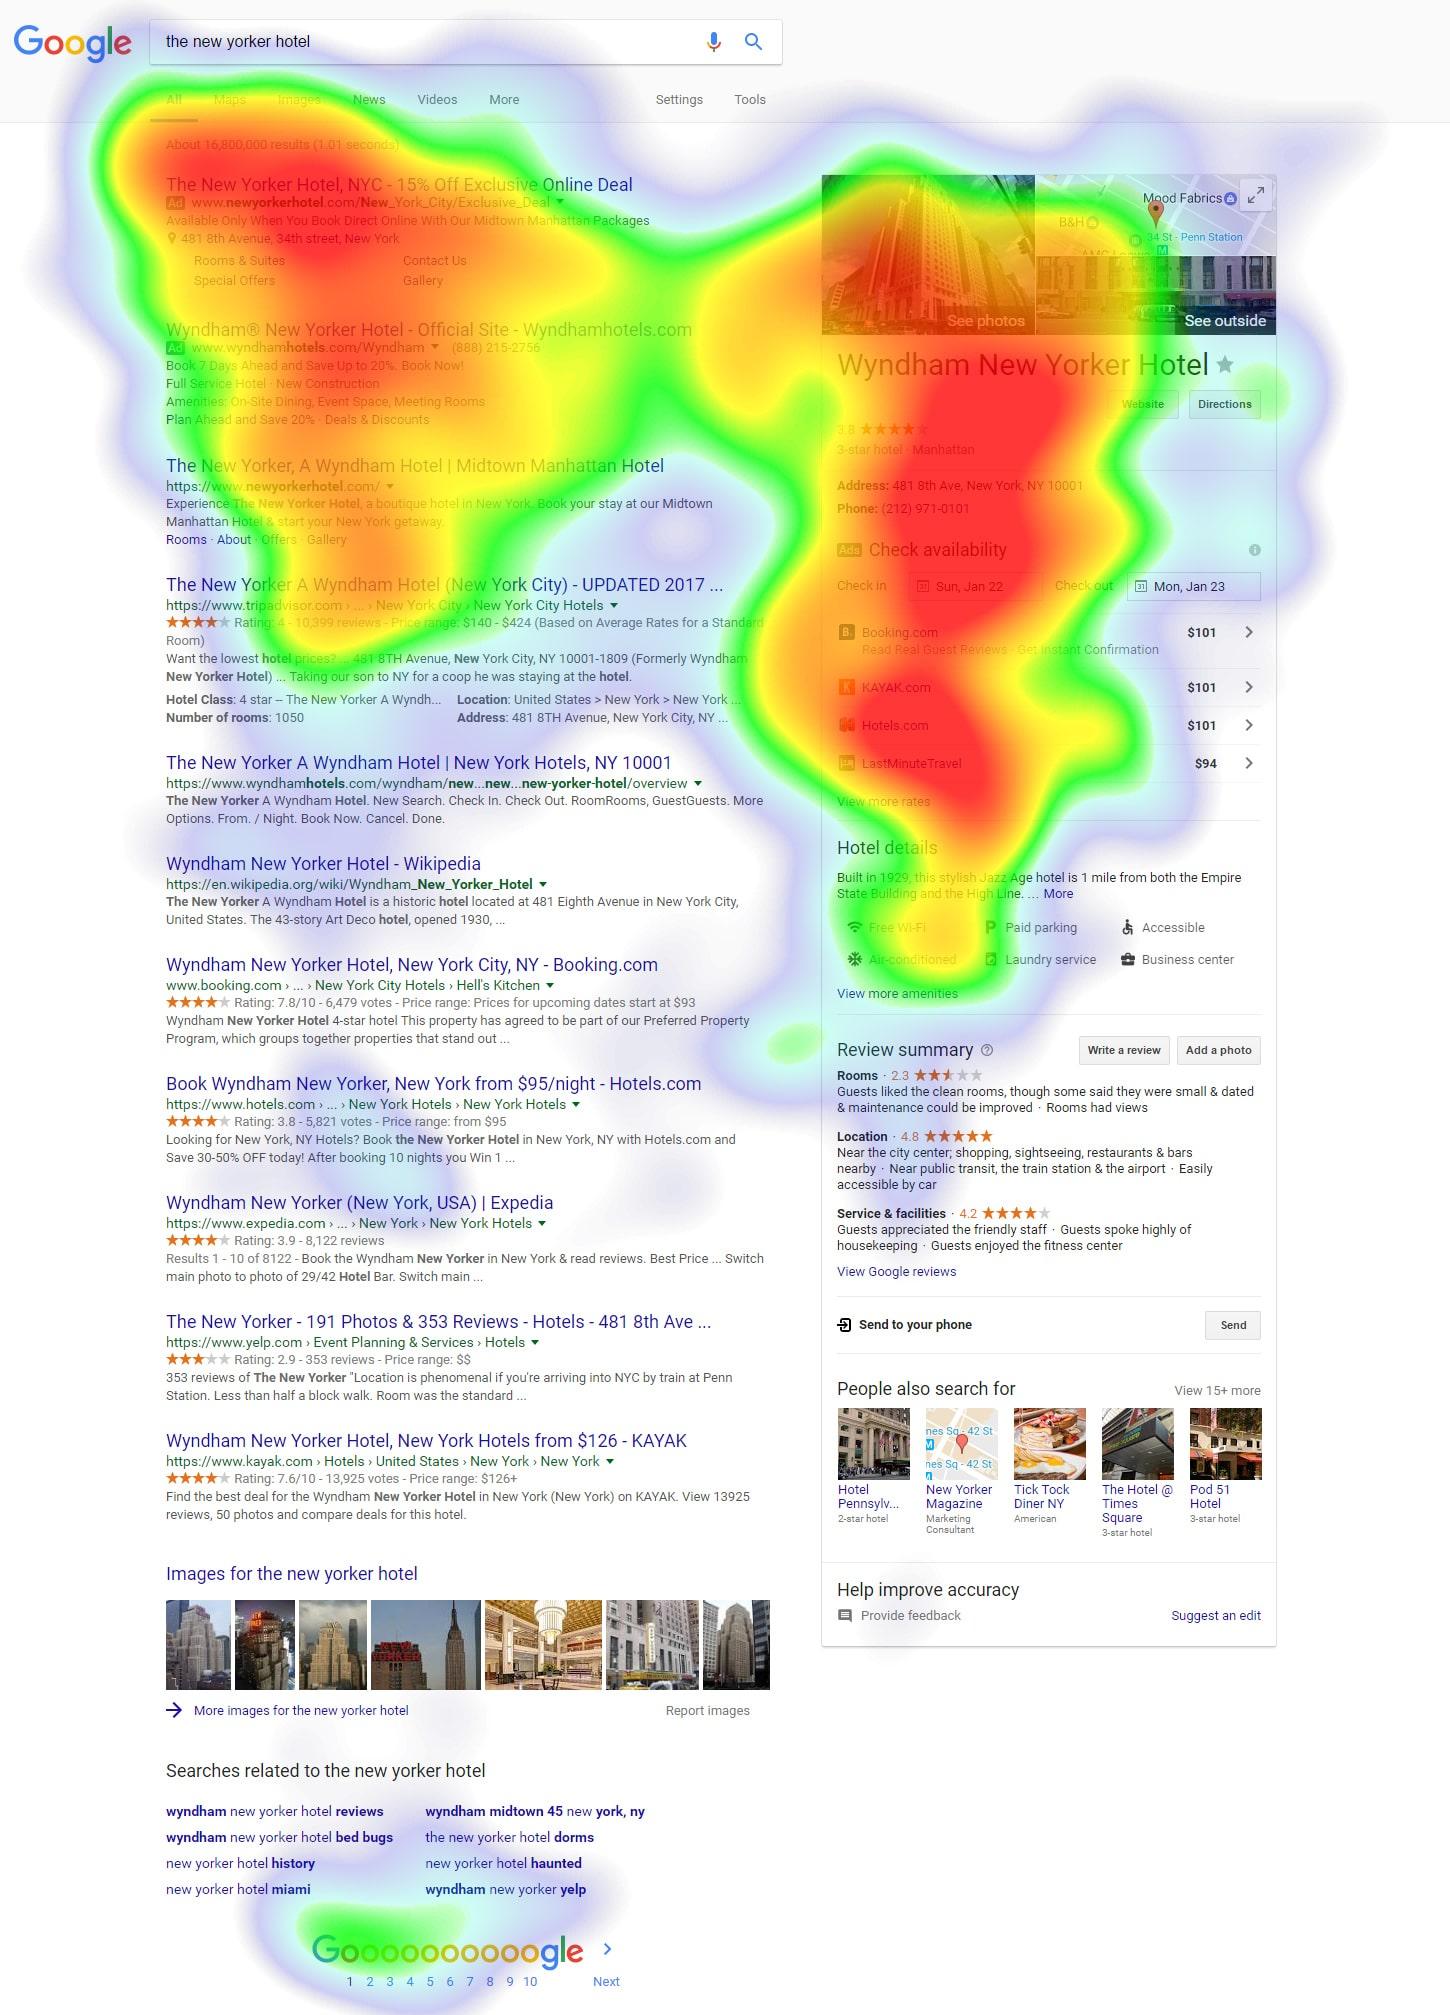 نقشه گرمایی گوگل، جاهایی که کاربران بیشترین کلیک را میکنند